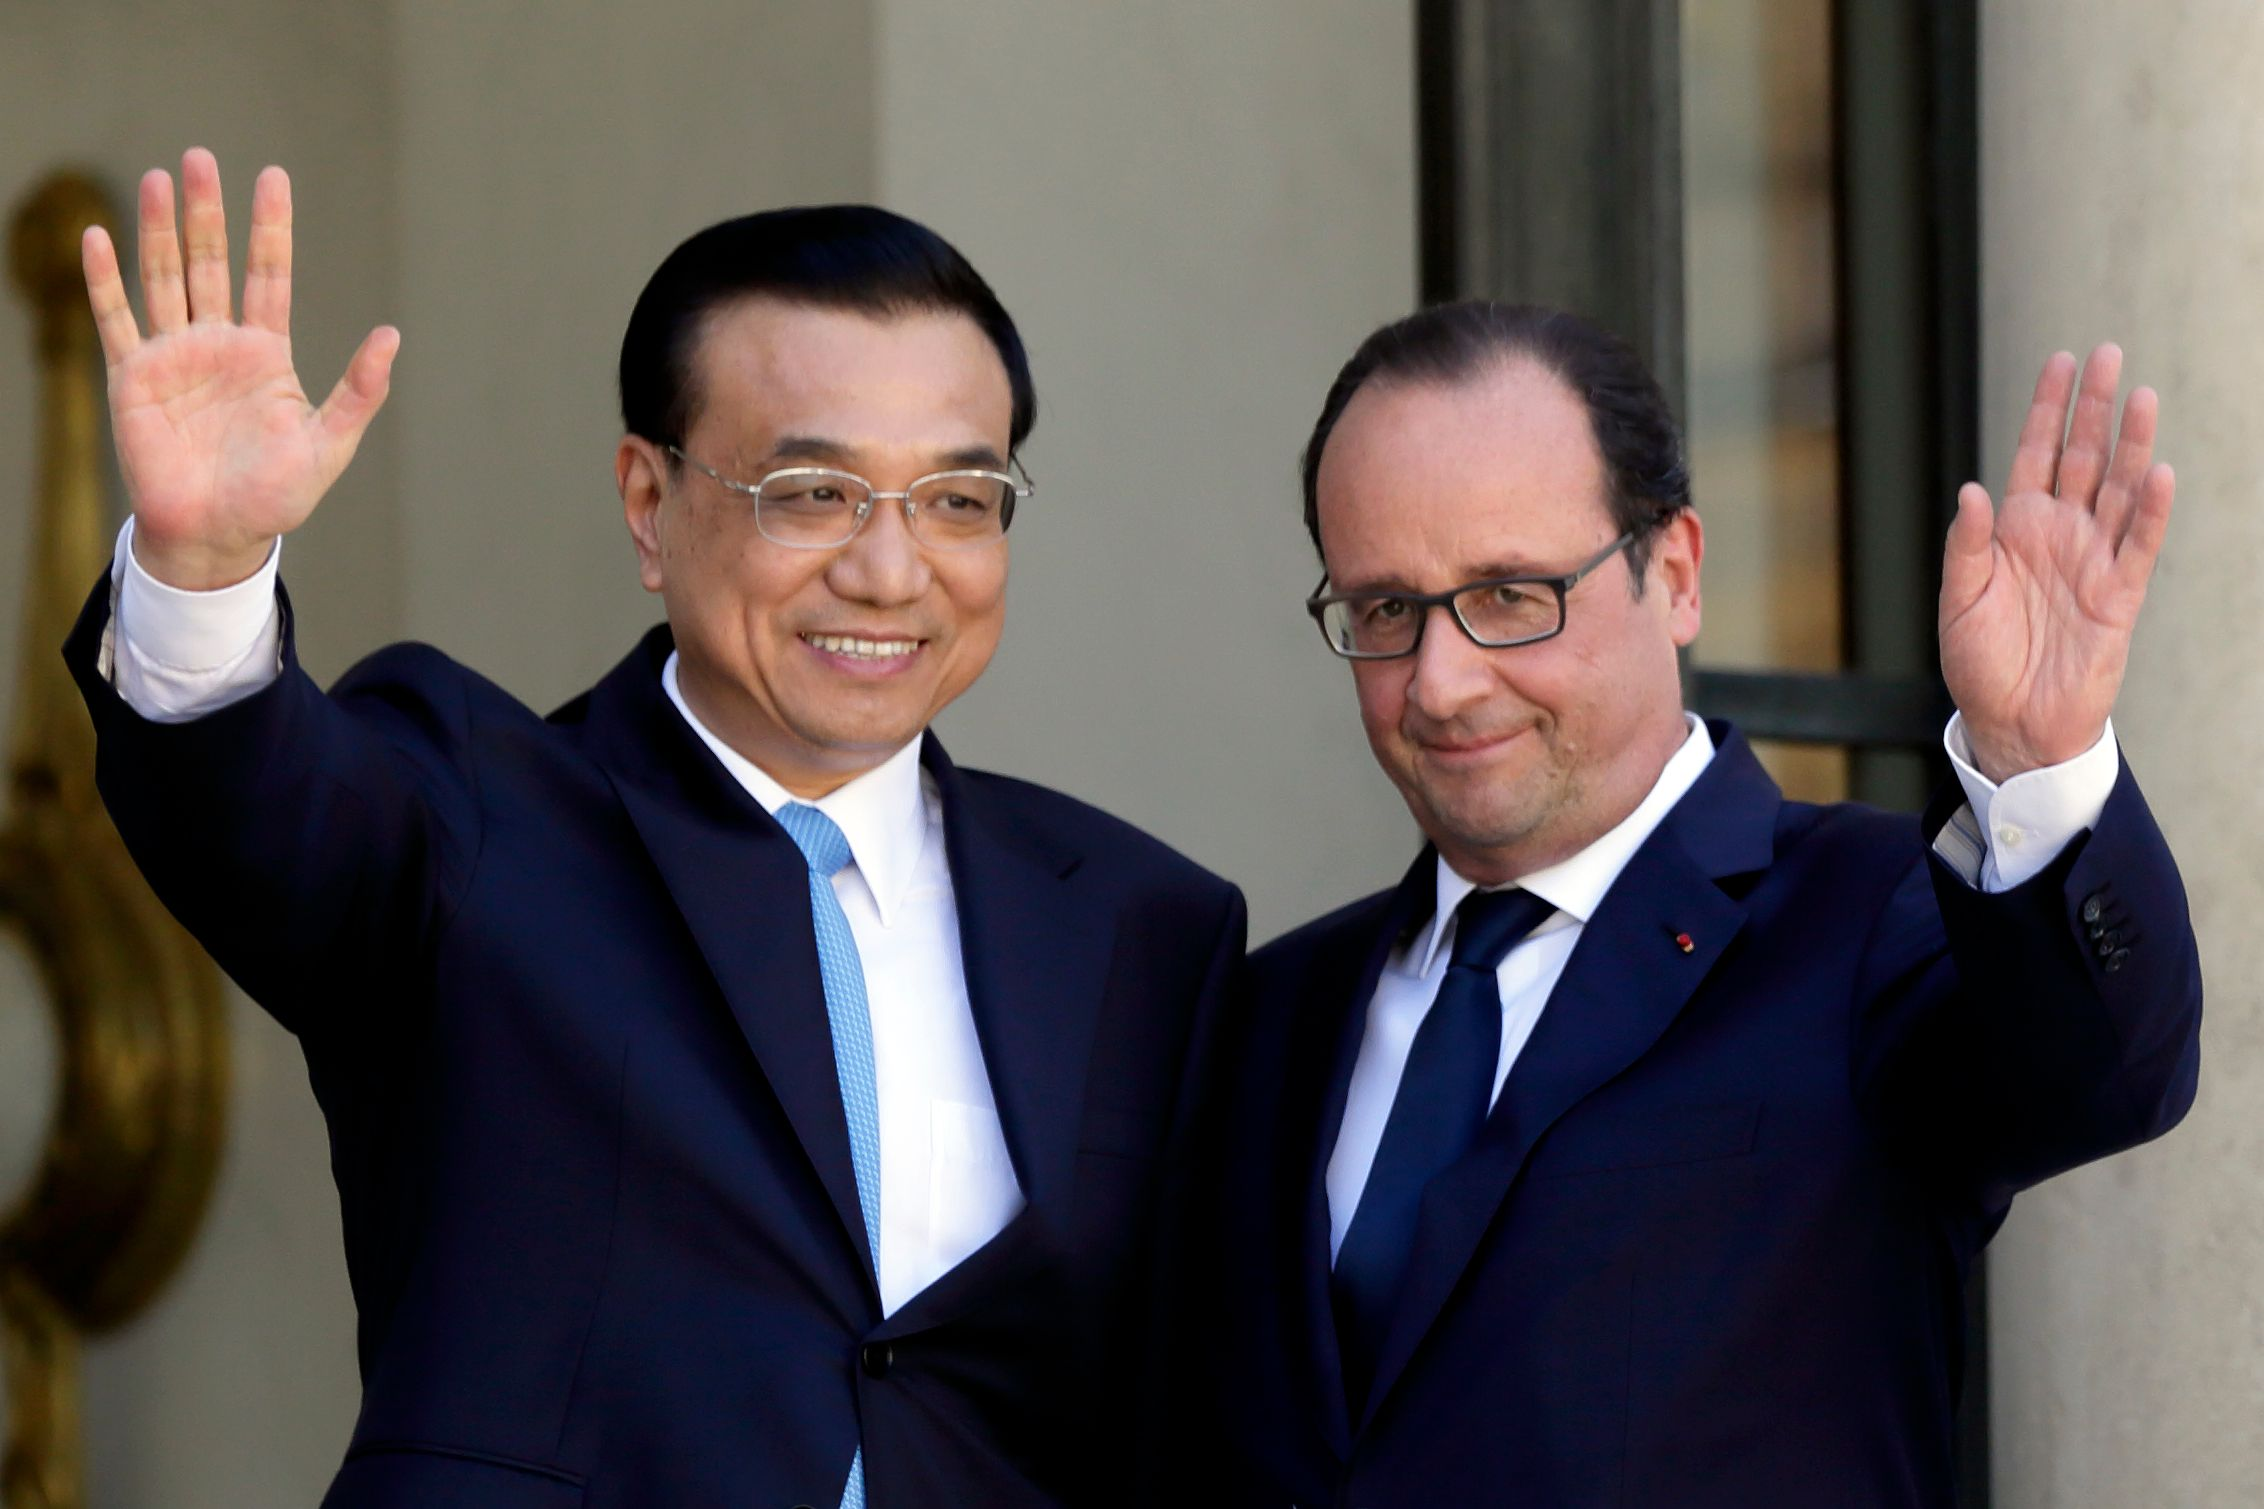 François Hollande et le Premier ministre chinois Li Keqiang, le 30 juin 2015 à Paris.